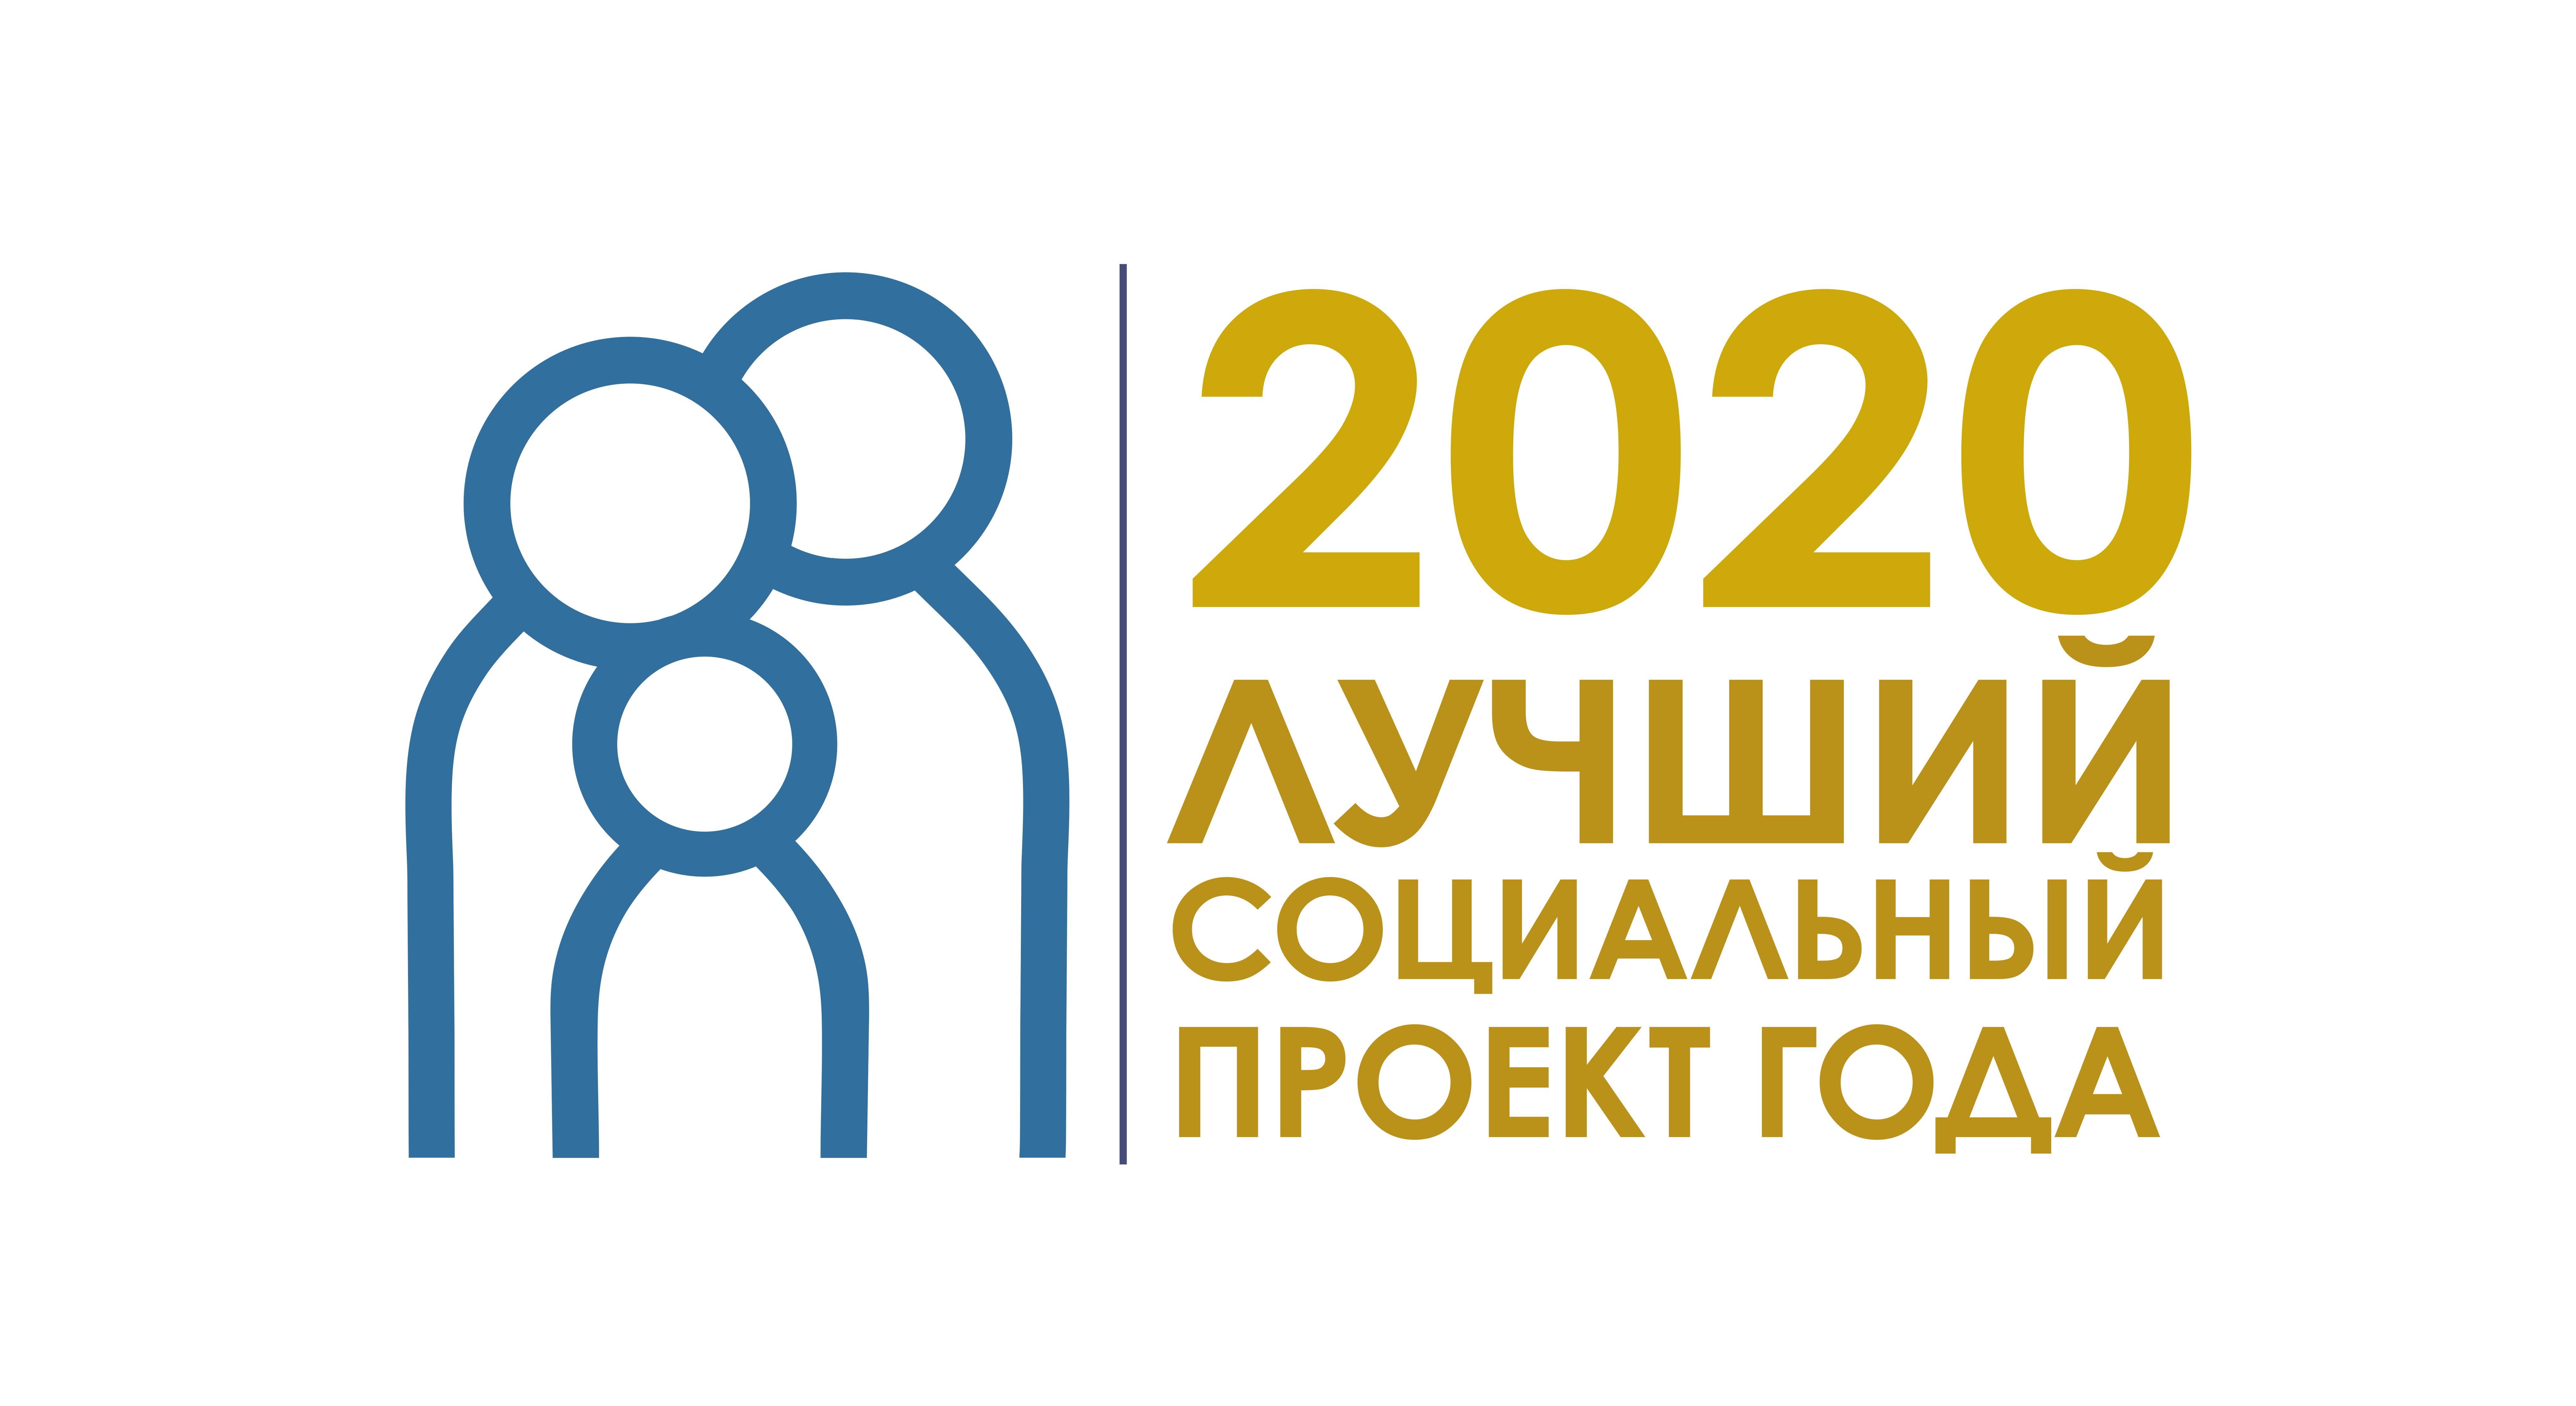 Итоги конкурса «Лучший социальный проект года» подведут в Подмосковье 27 ноября